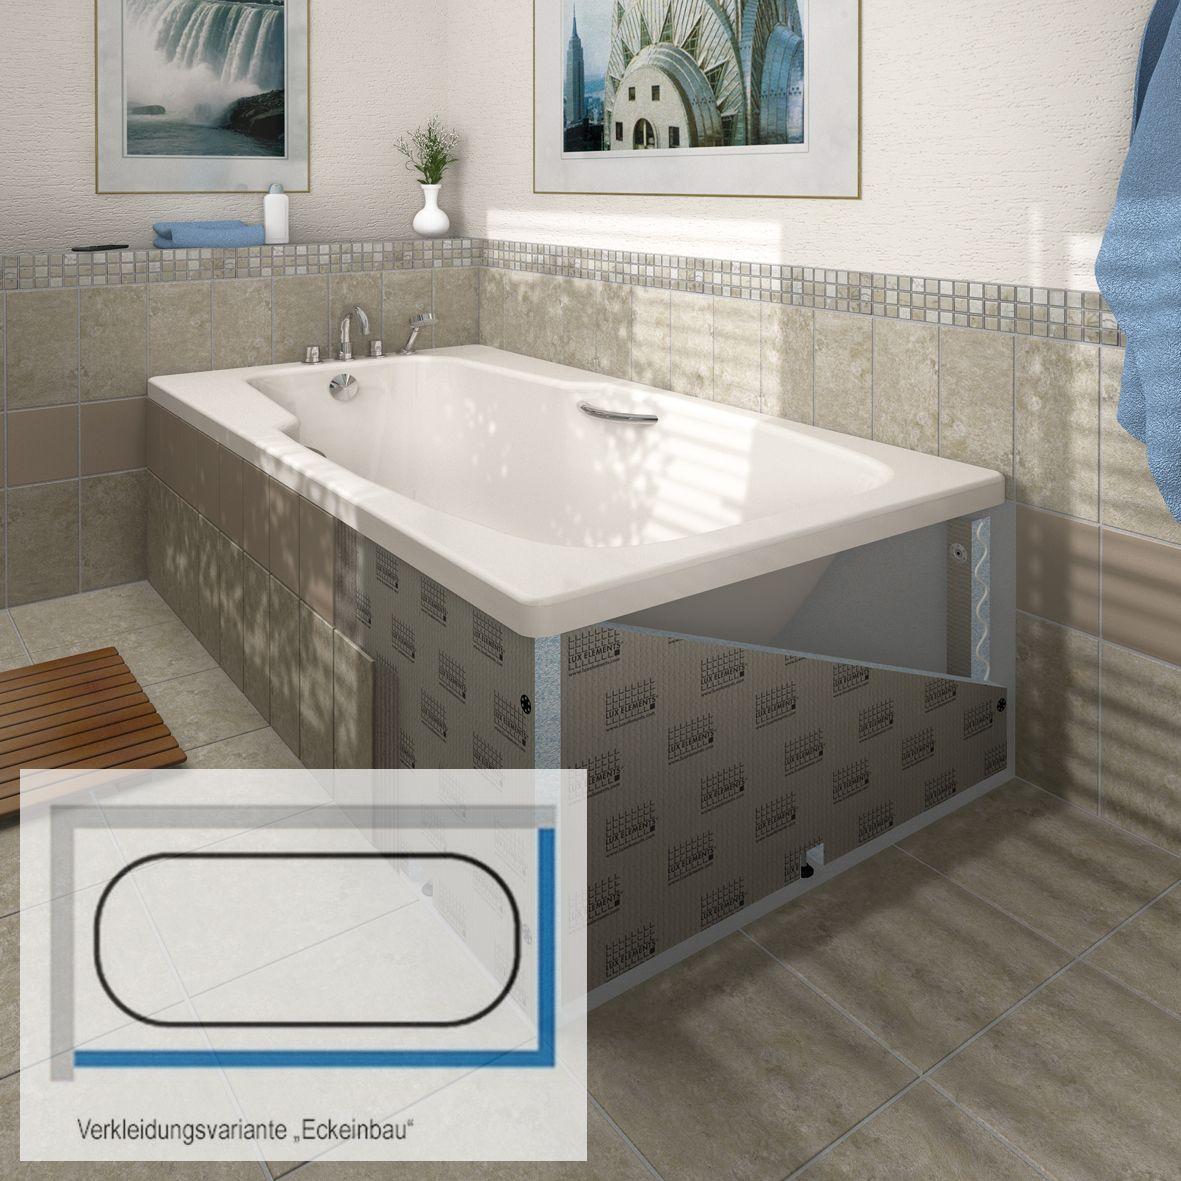 Fliesenschiene24 Badewannenverkleidung Eckeinbau Badewannenverkleidung Wanne Verkleidung